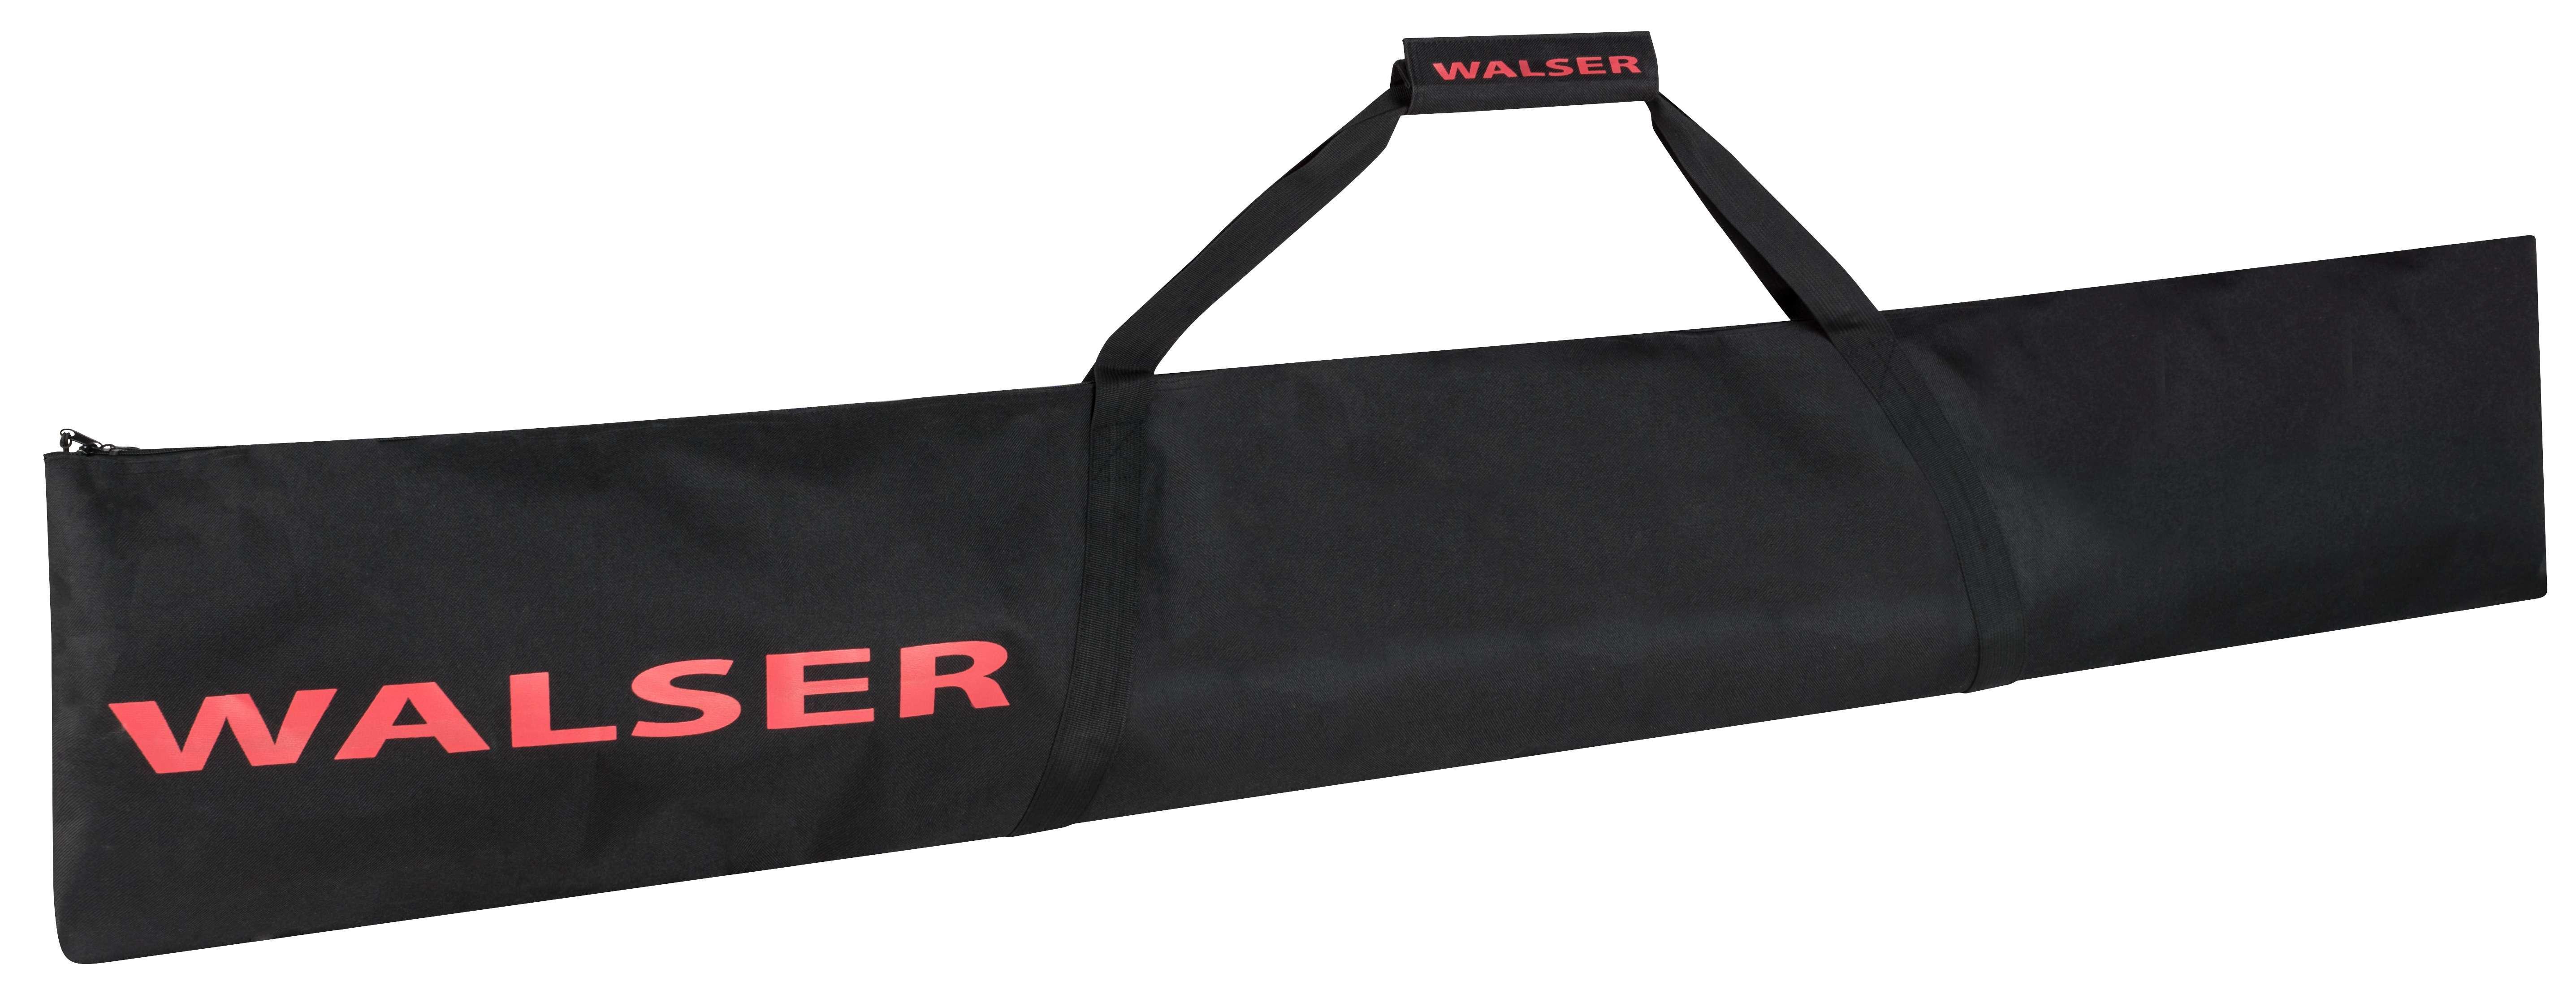 Ski bag 30551 WALSER 30551 original quality